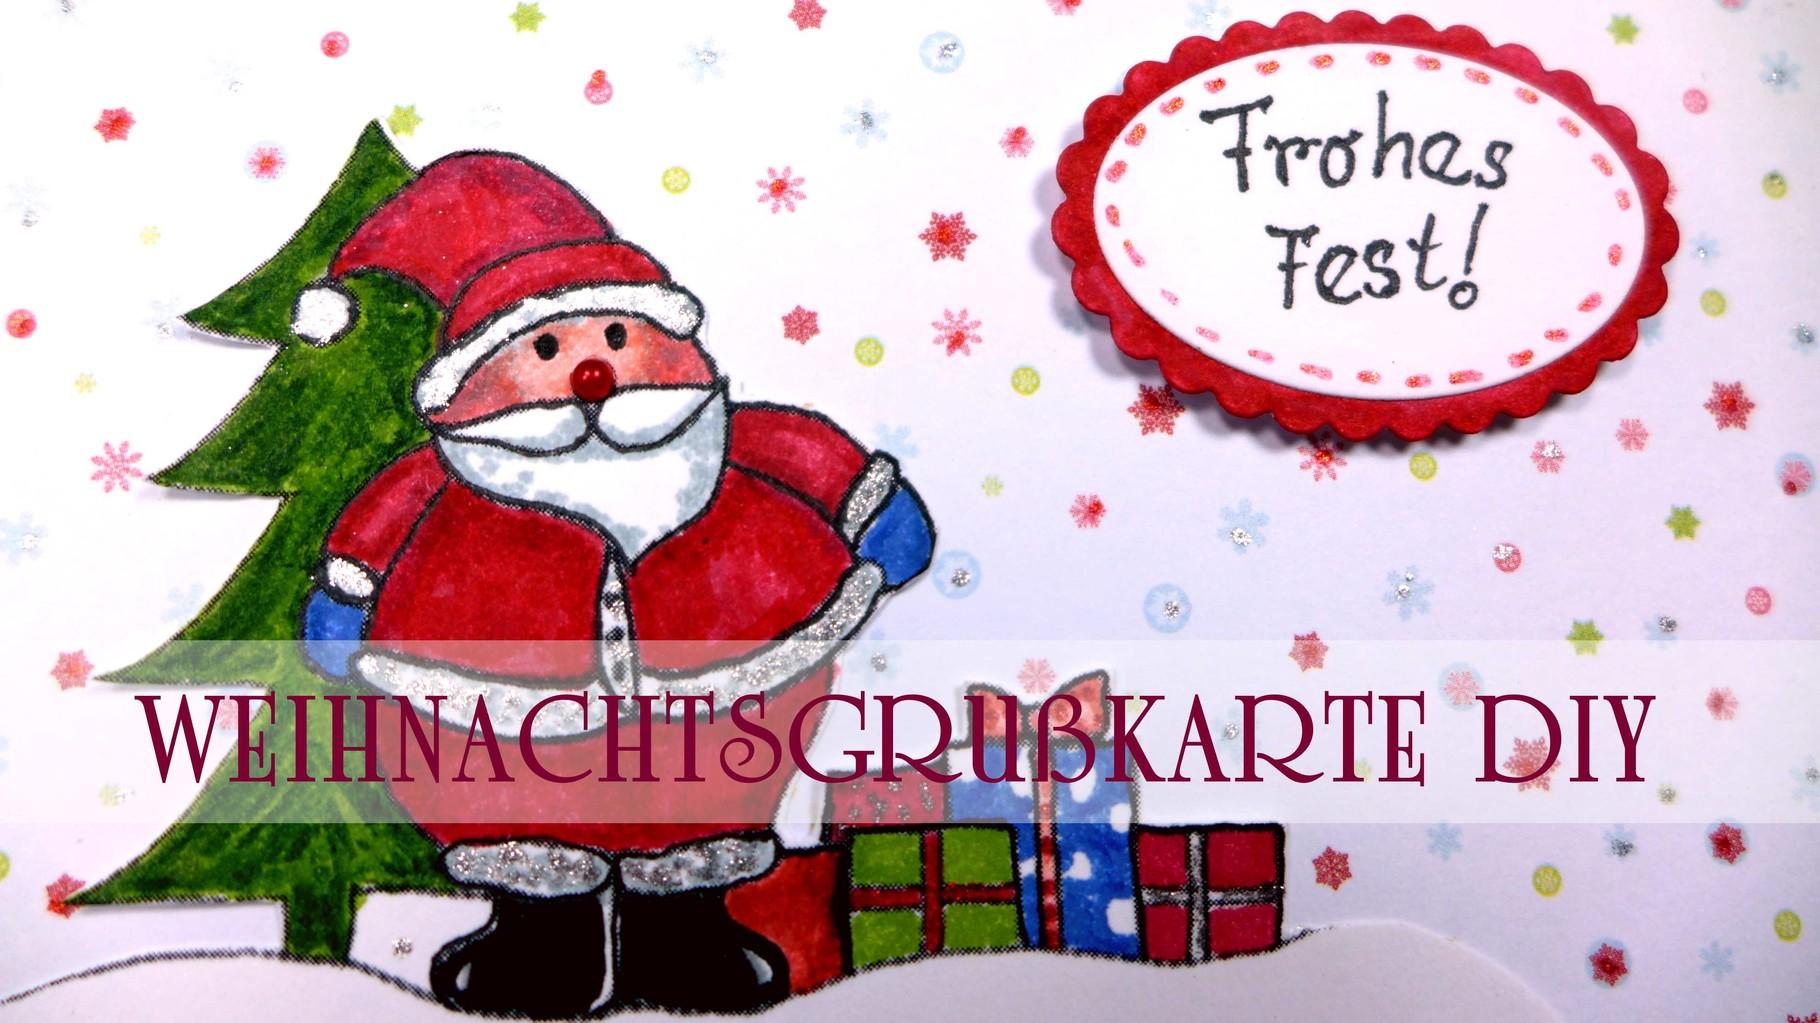 Weihnachten Weihnachtsgrußkarte Weihnachtsmann Basteln